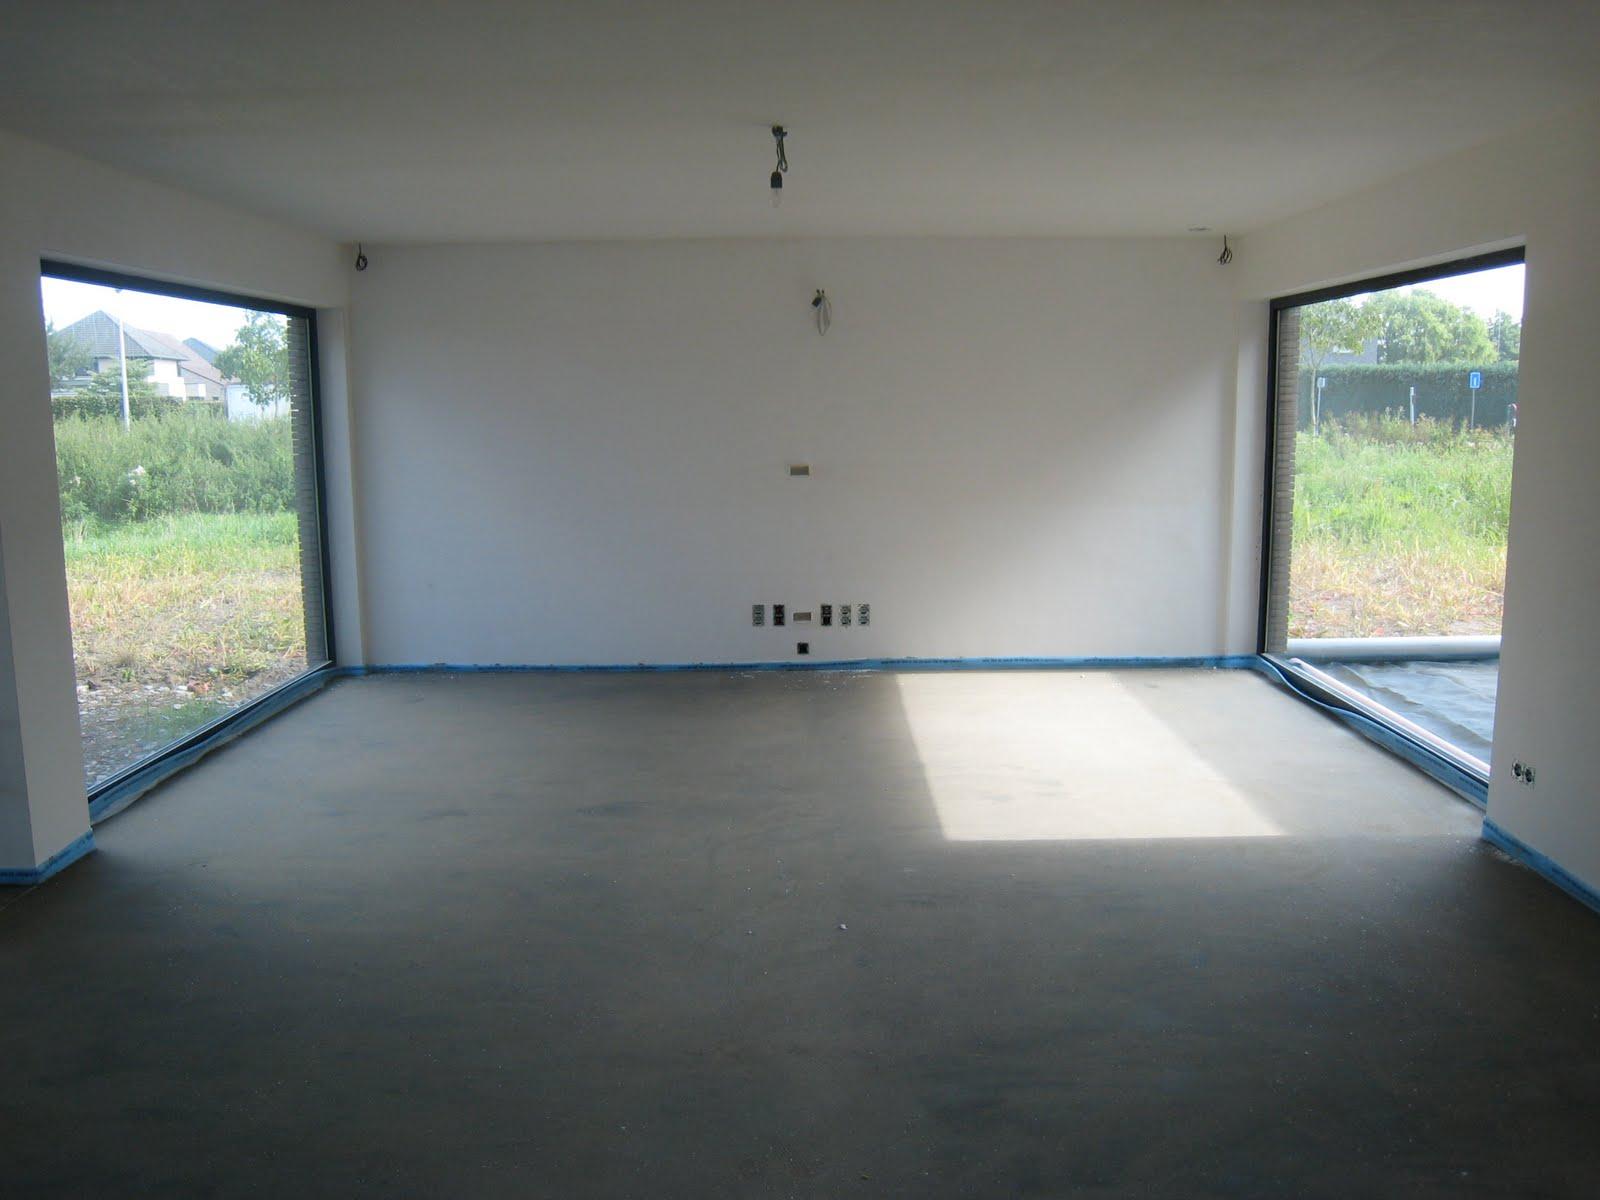 Surround systeem aan muren kabels zo uit muur of bakje bouwinfo - Hoe een vierkante salon te voorzien ...